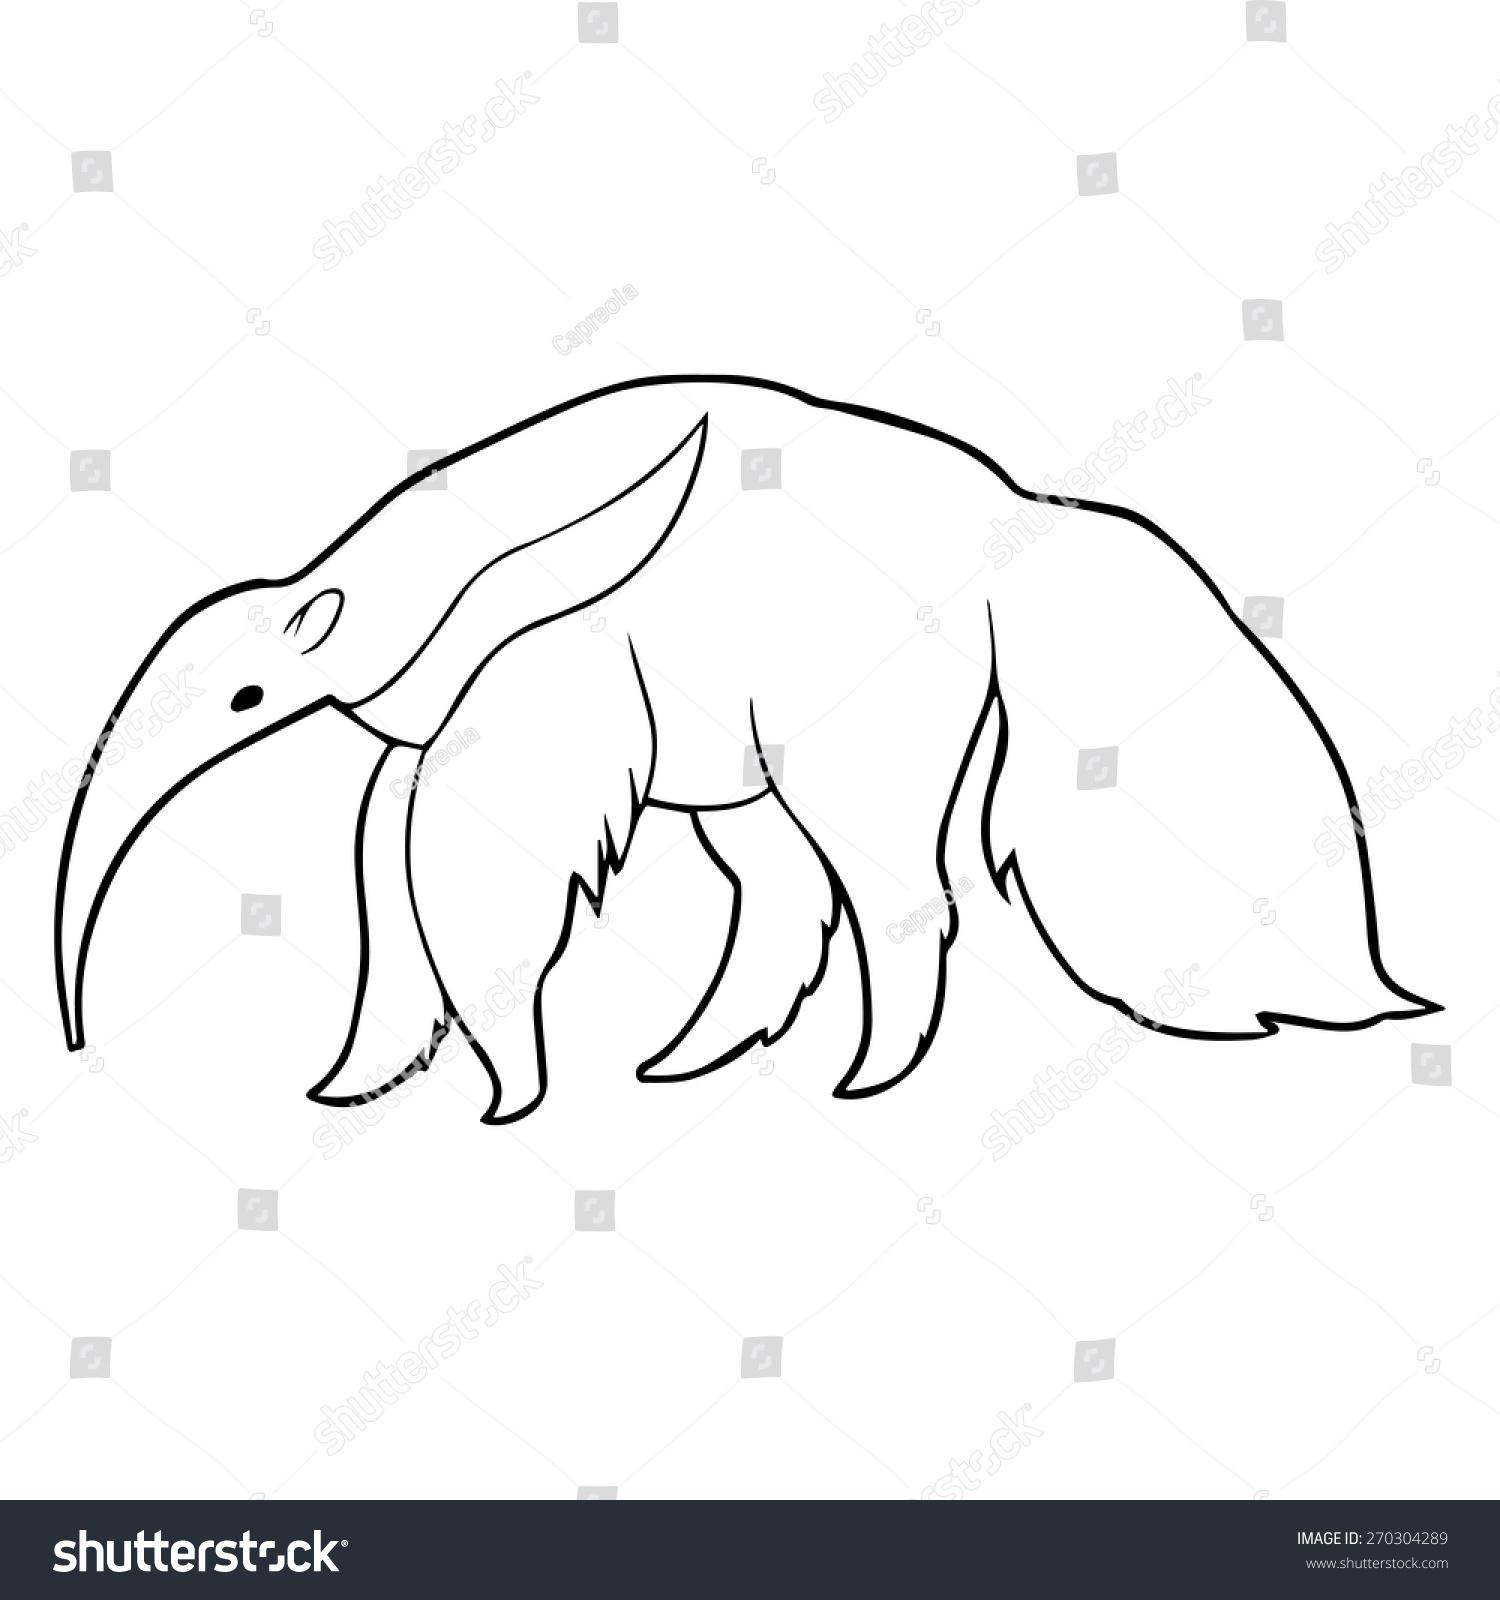 anteater outline illustration stock vector 270304289 shutterstock